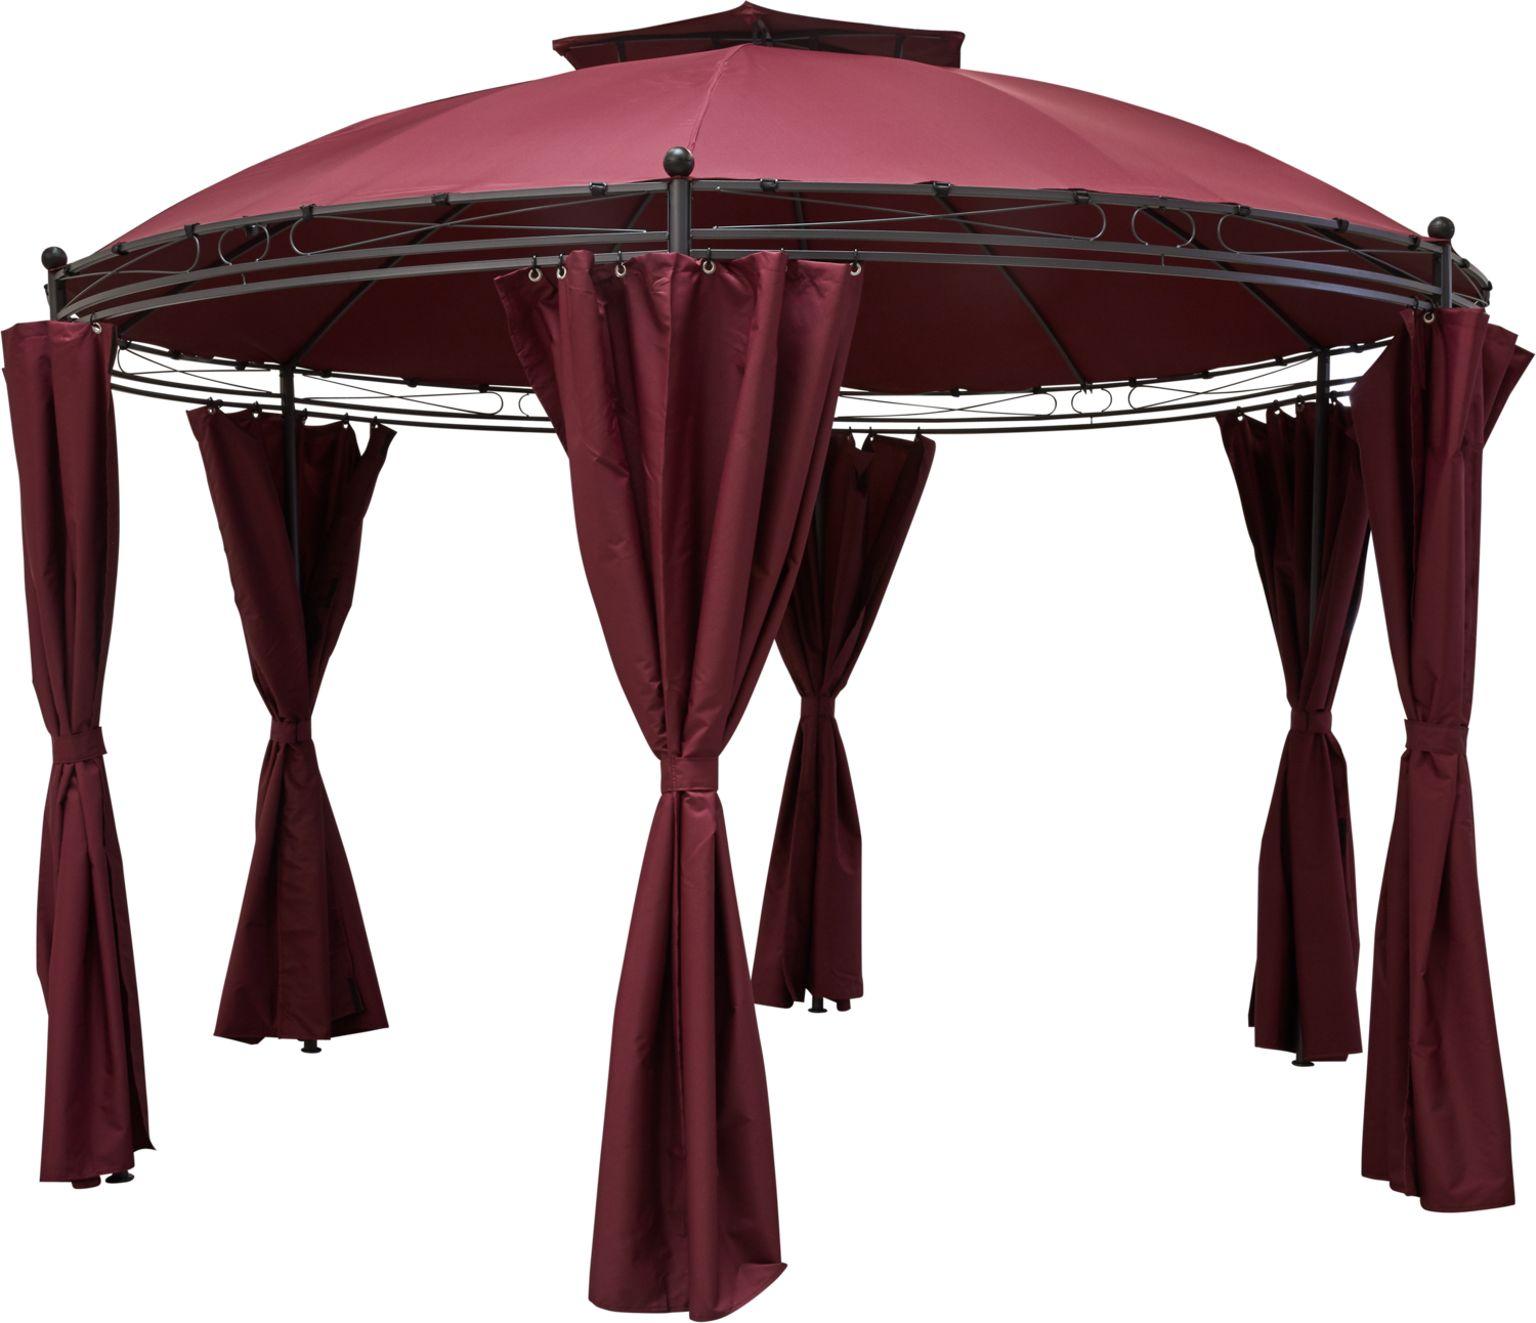 Full Size of Pavillon Metall Rund 4 M 4m Glas Klein Holz Geschlossen 6m Ersatzdach Mit Dach 3 5m Wasserdicht Kaufen Durchmesser Gebraucht Pavillion 200 Cm 3m Mood Serena Wohnzimmer Pavillon Rund